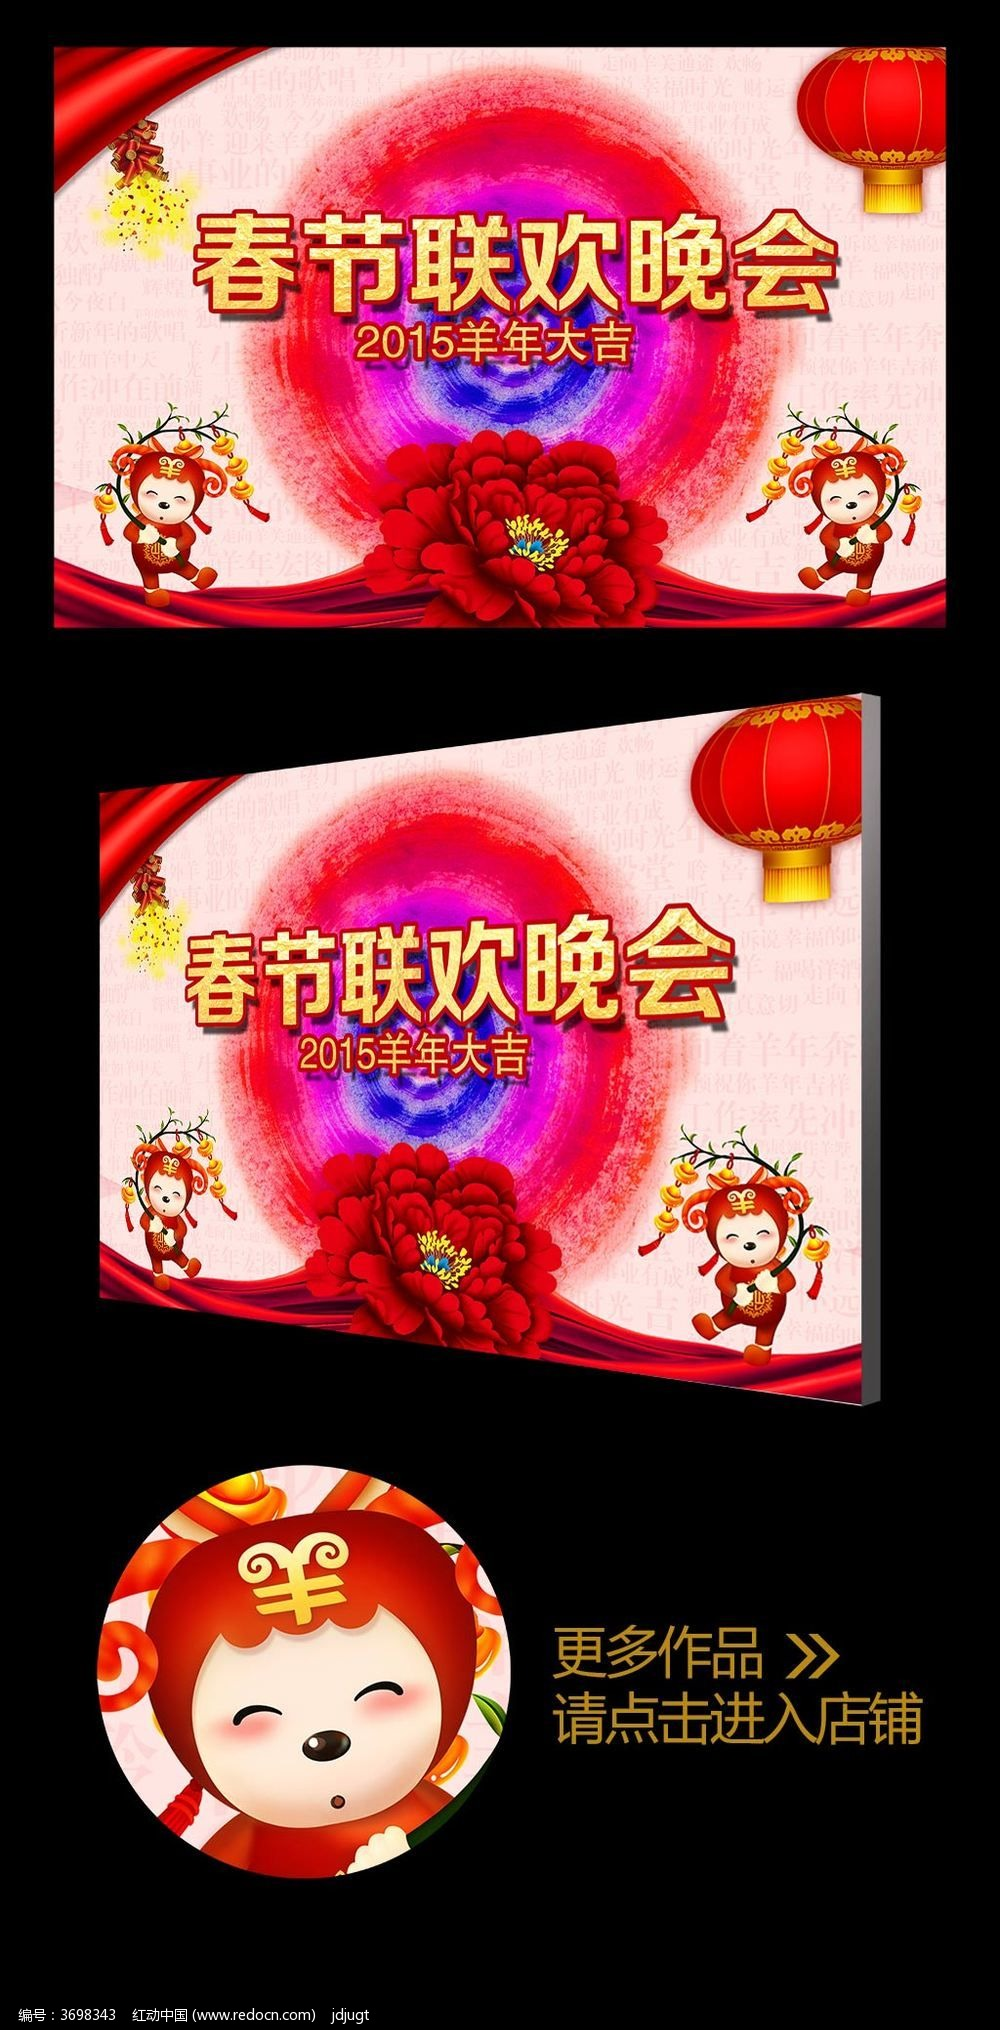 卡通喜庆2015春节联欢晚会舞台背景